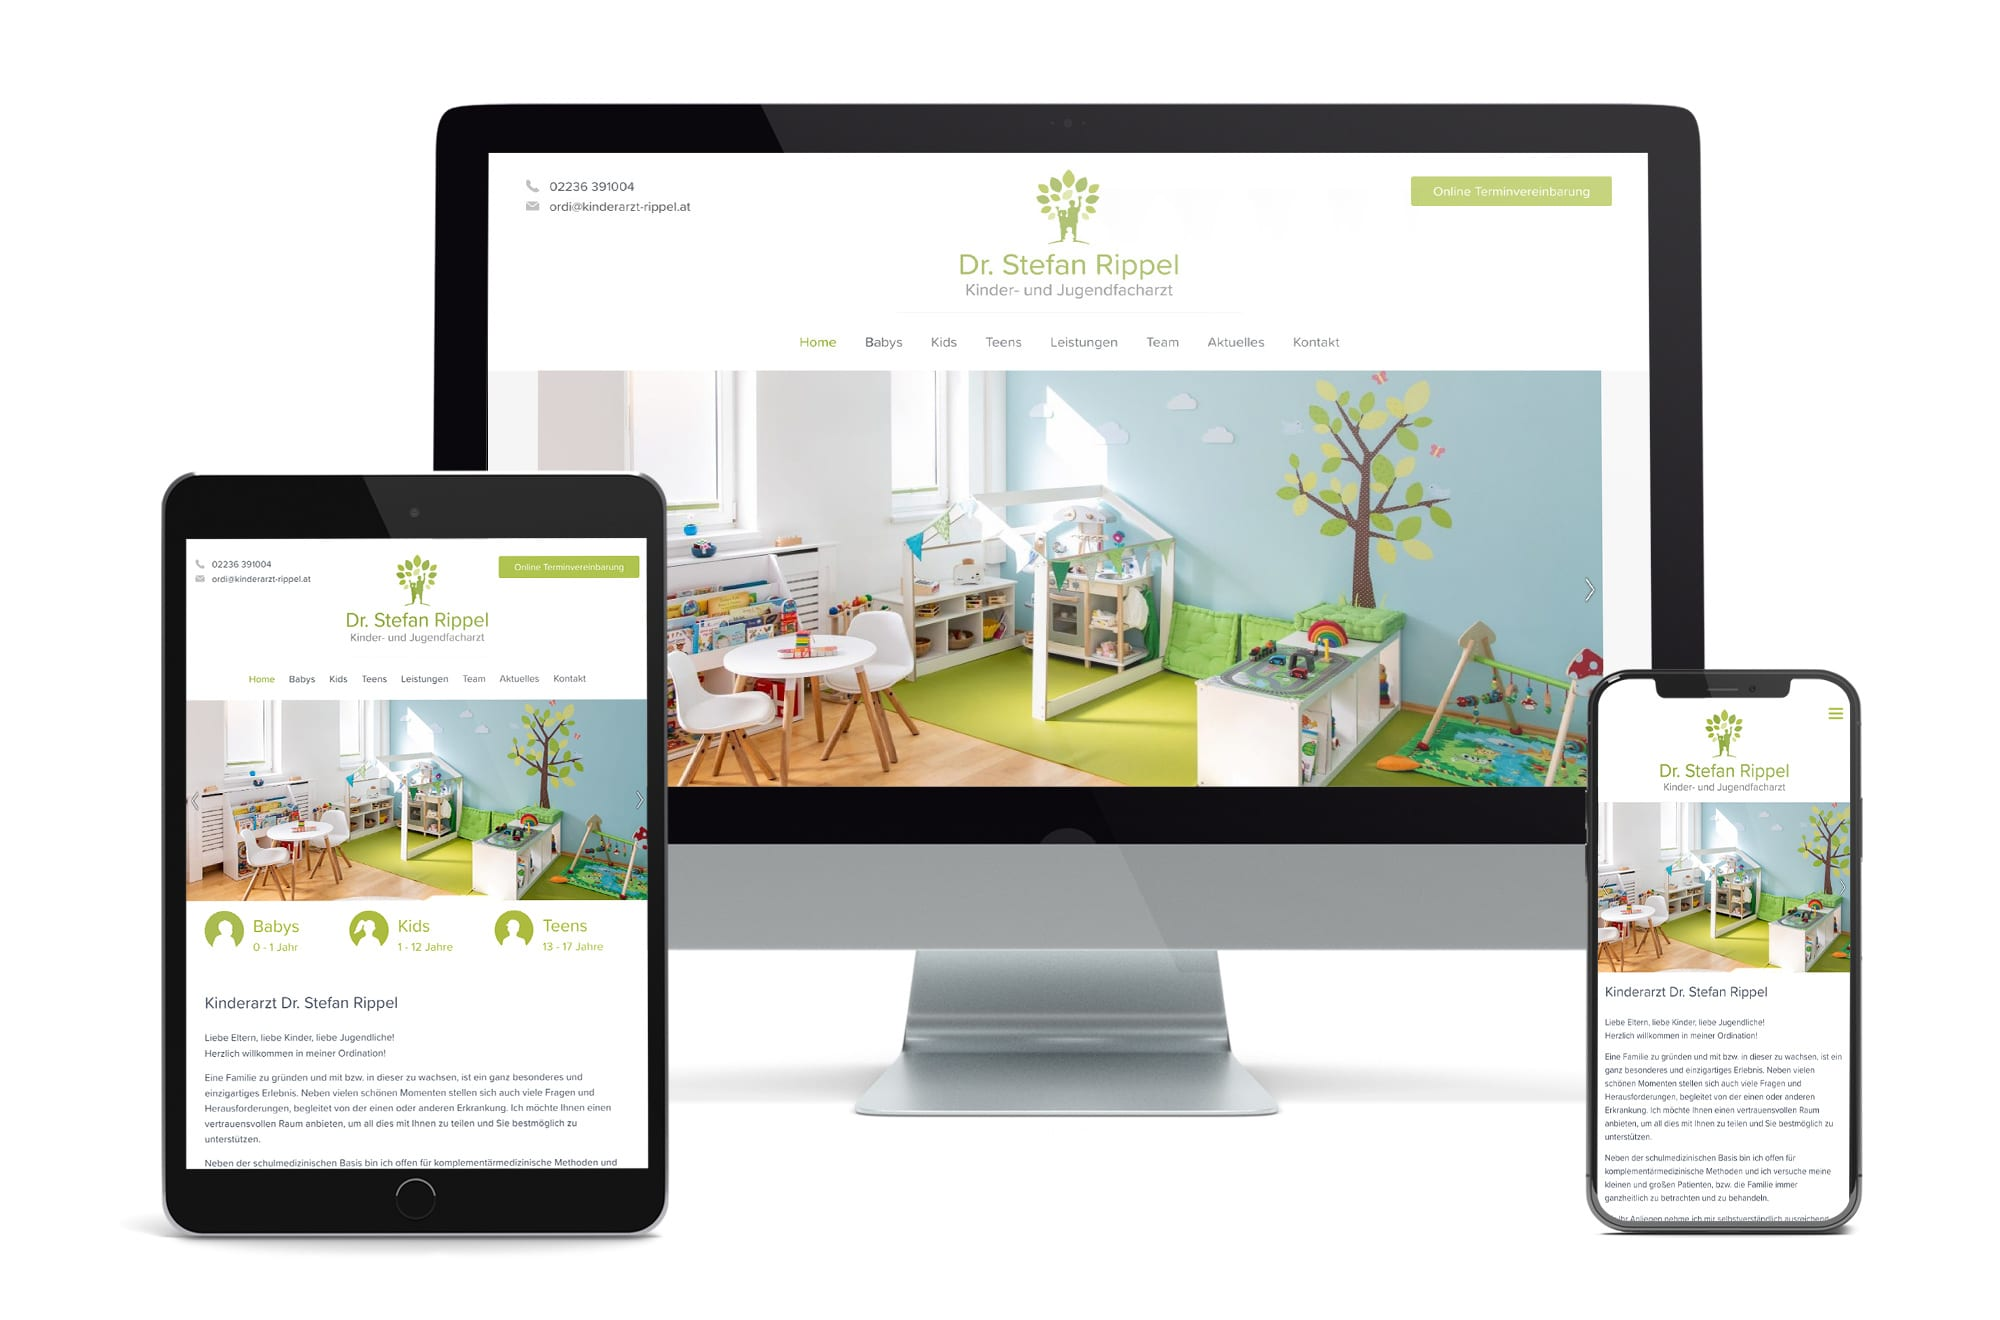 Webdesign Beispiel: Neue Website für Kinderarzt Wien, Brunn am Gebirge